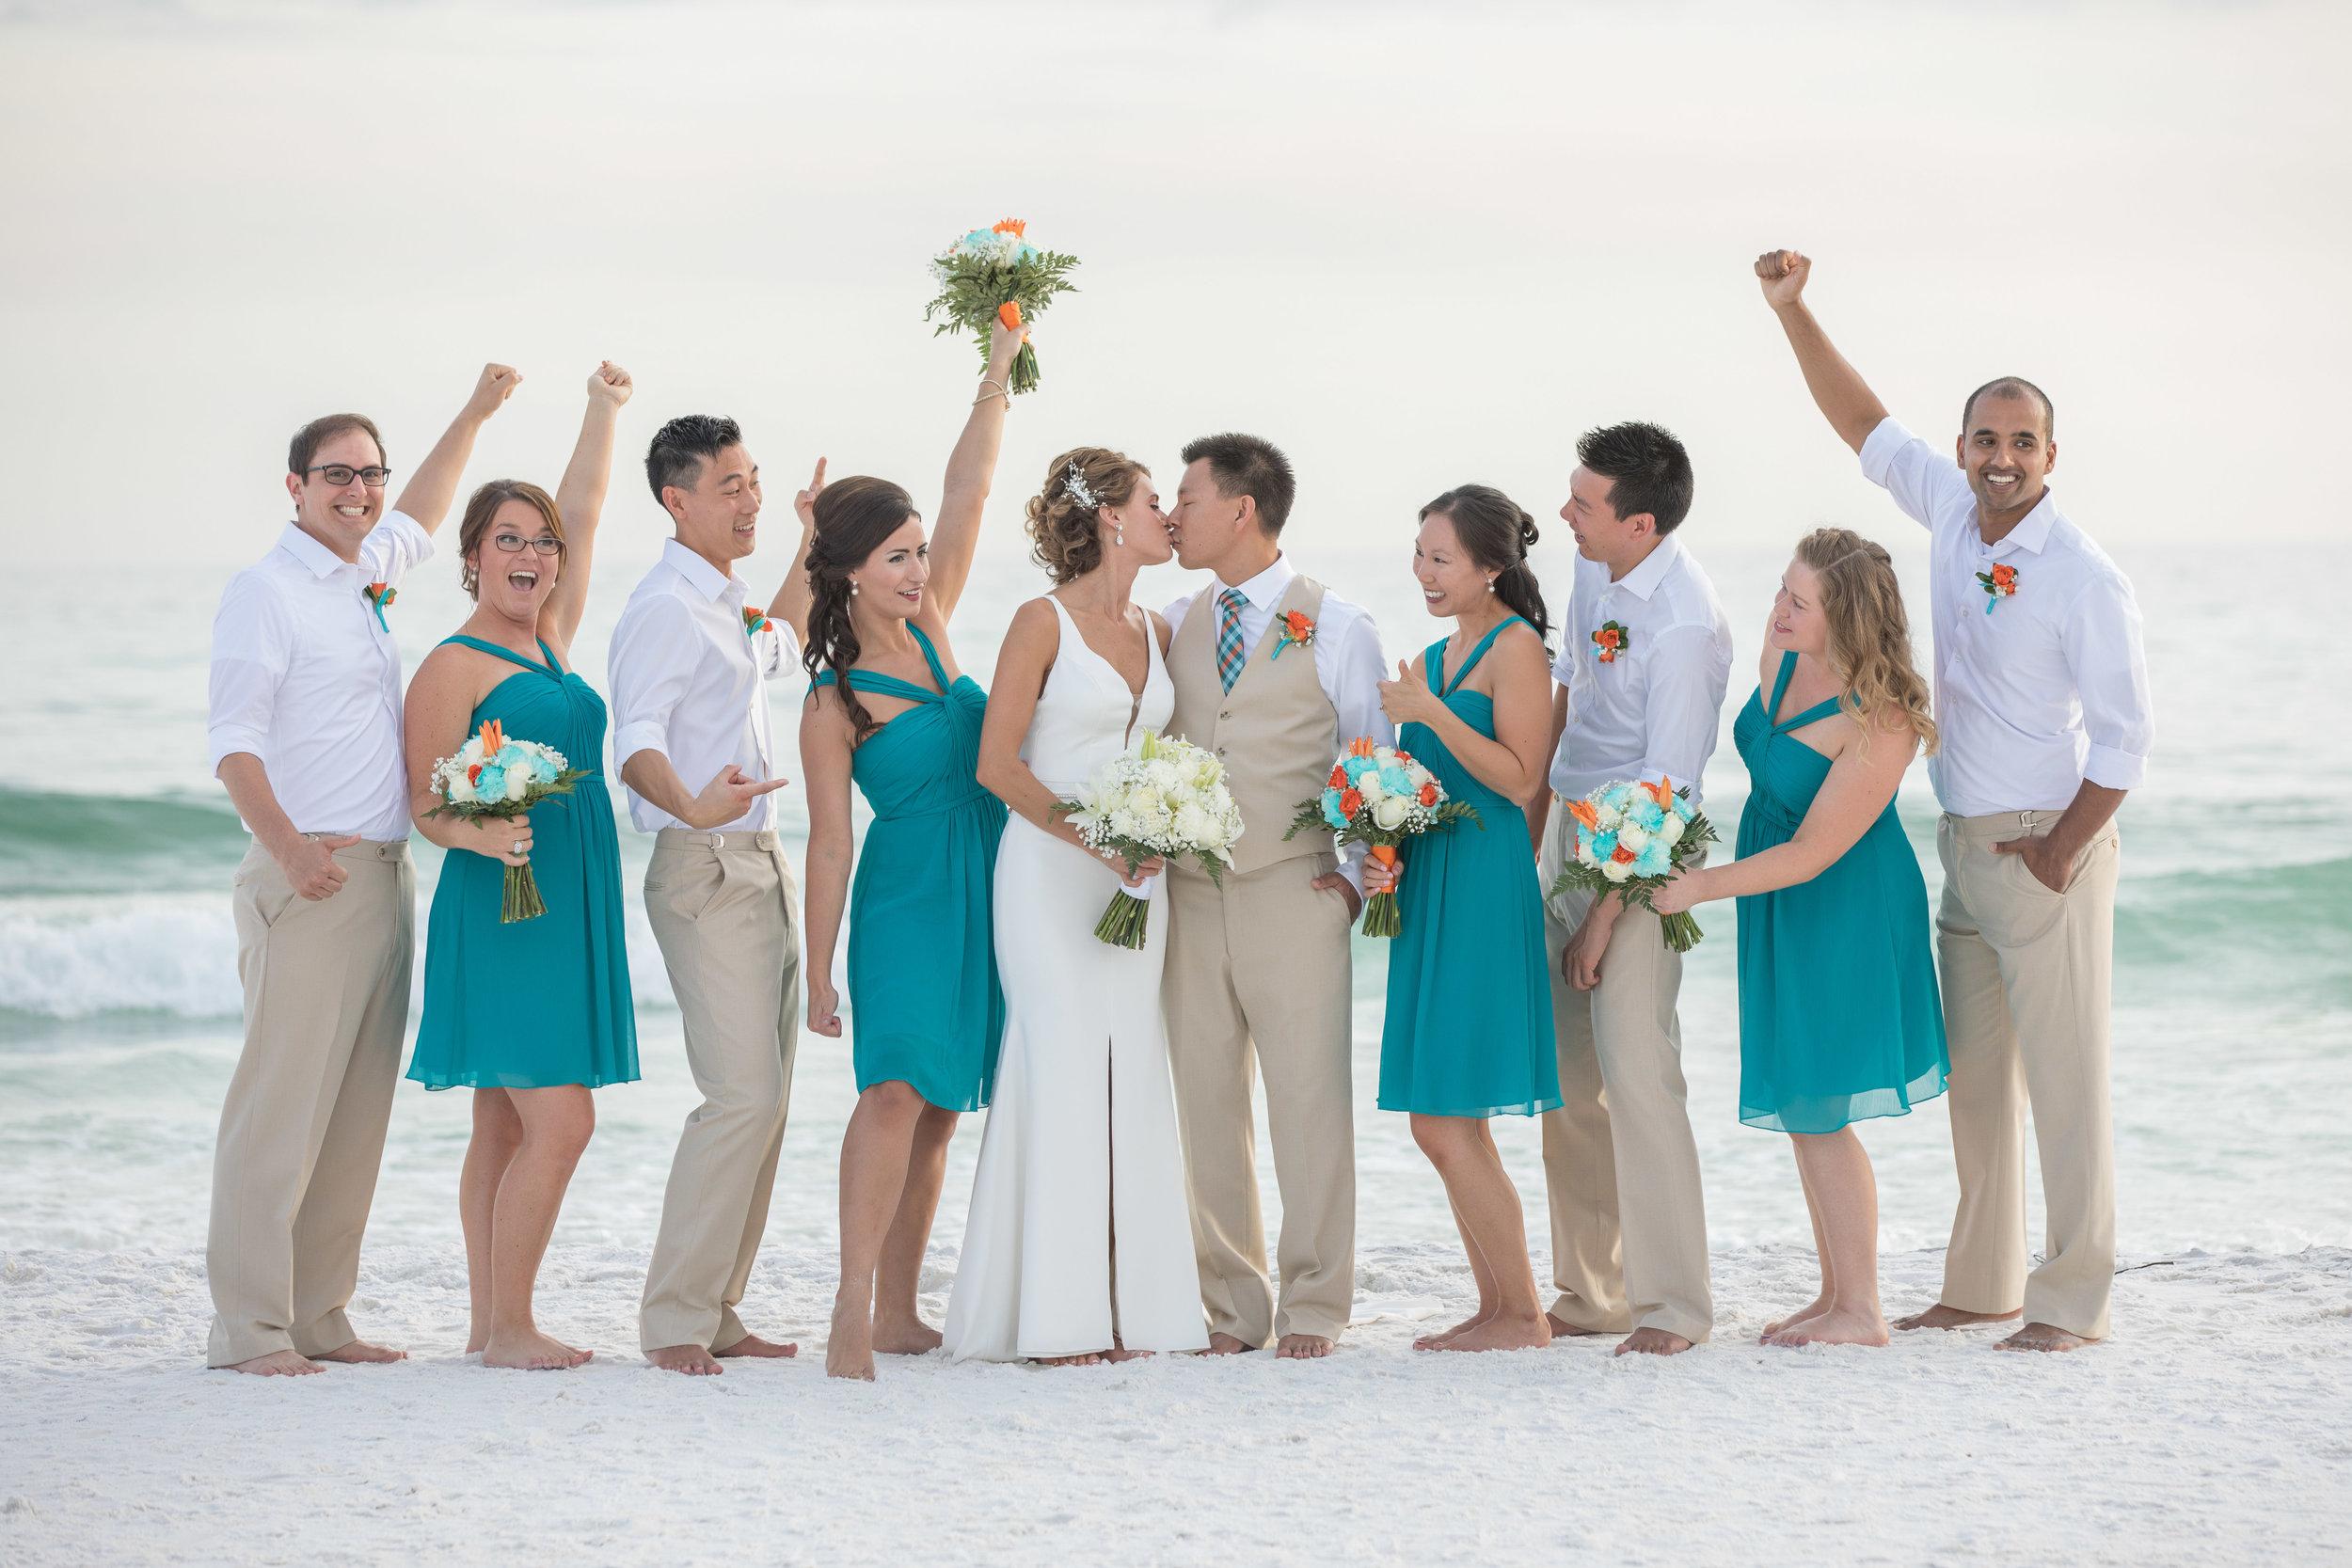 destin beach wedding package picture91_ (2).jpg